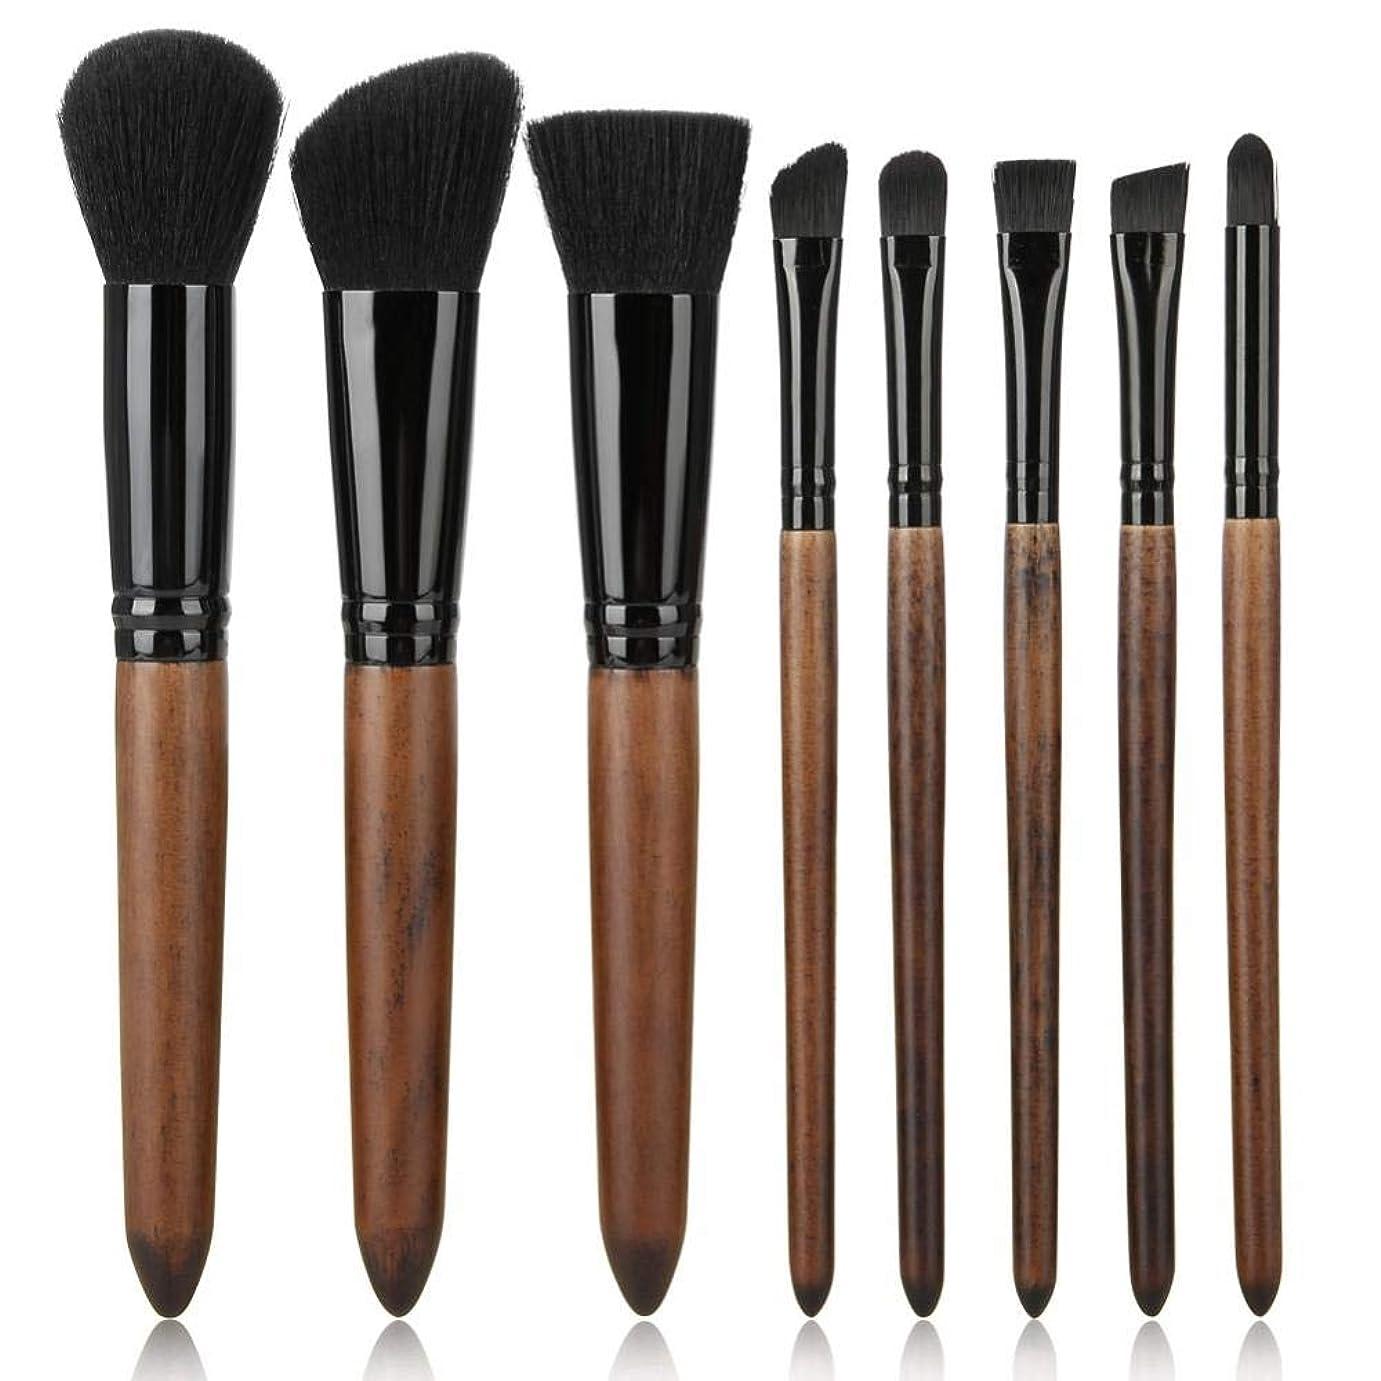 酸度八以内にメイクブラシ 柔らかい 化粧筆 アイシャドウブラシ 粉飾用 修容ブラシセット 携帯用(ブラック#1)